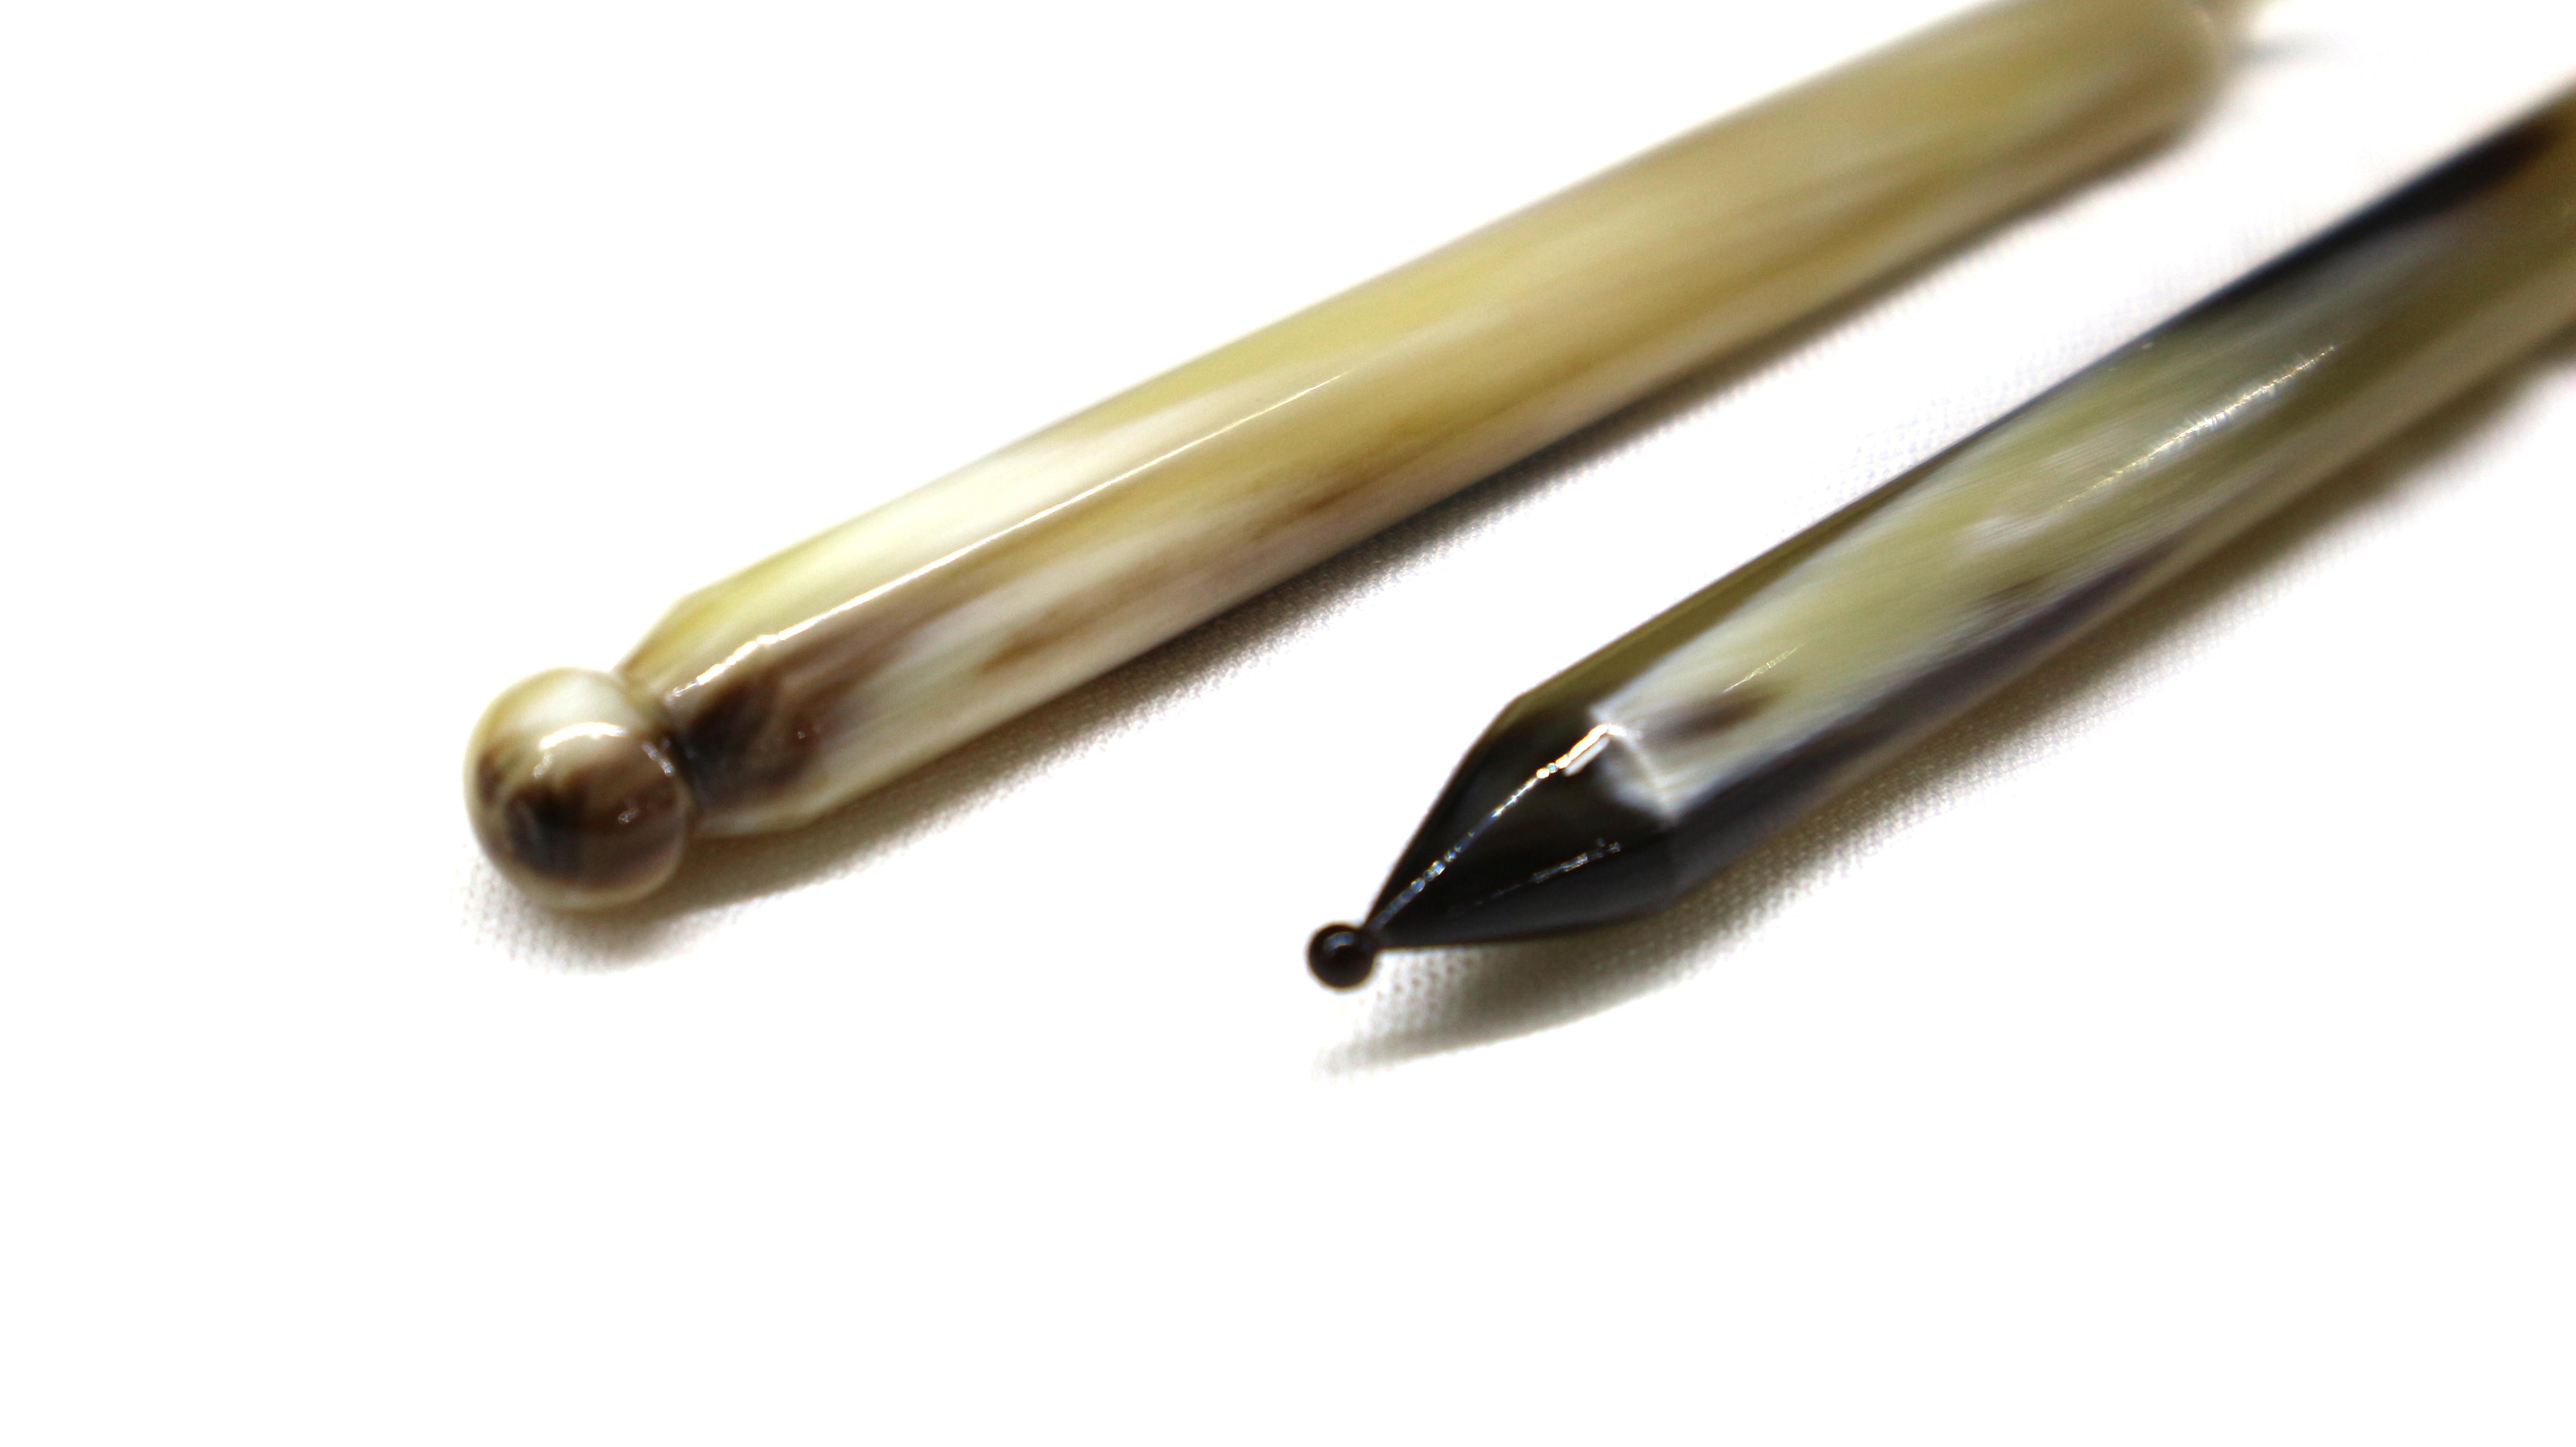 Dụng Cụ Bấm Huyệt - Bút Ấn Huyệt Sừng Tự Nhiên